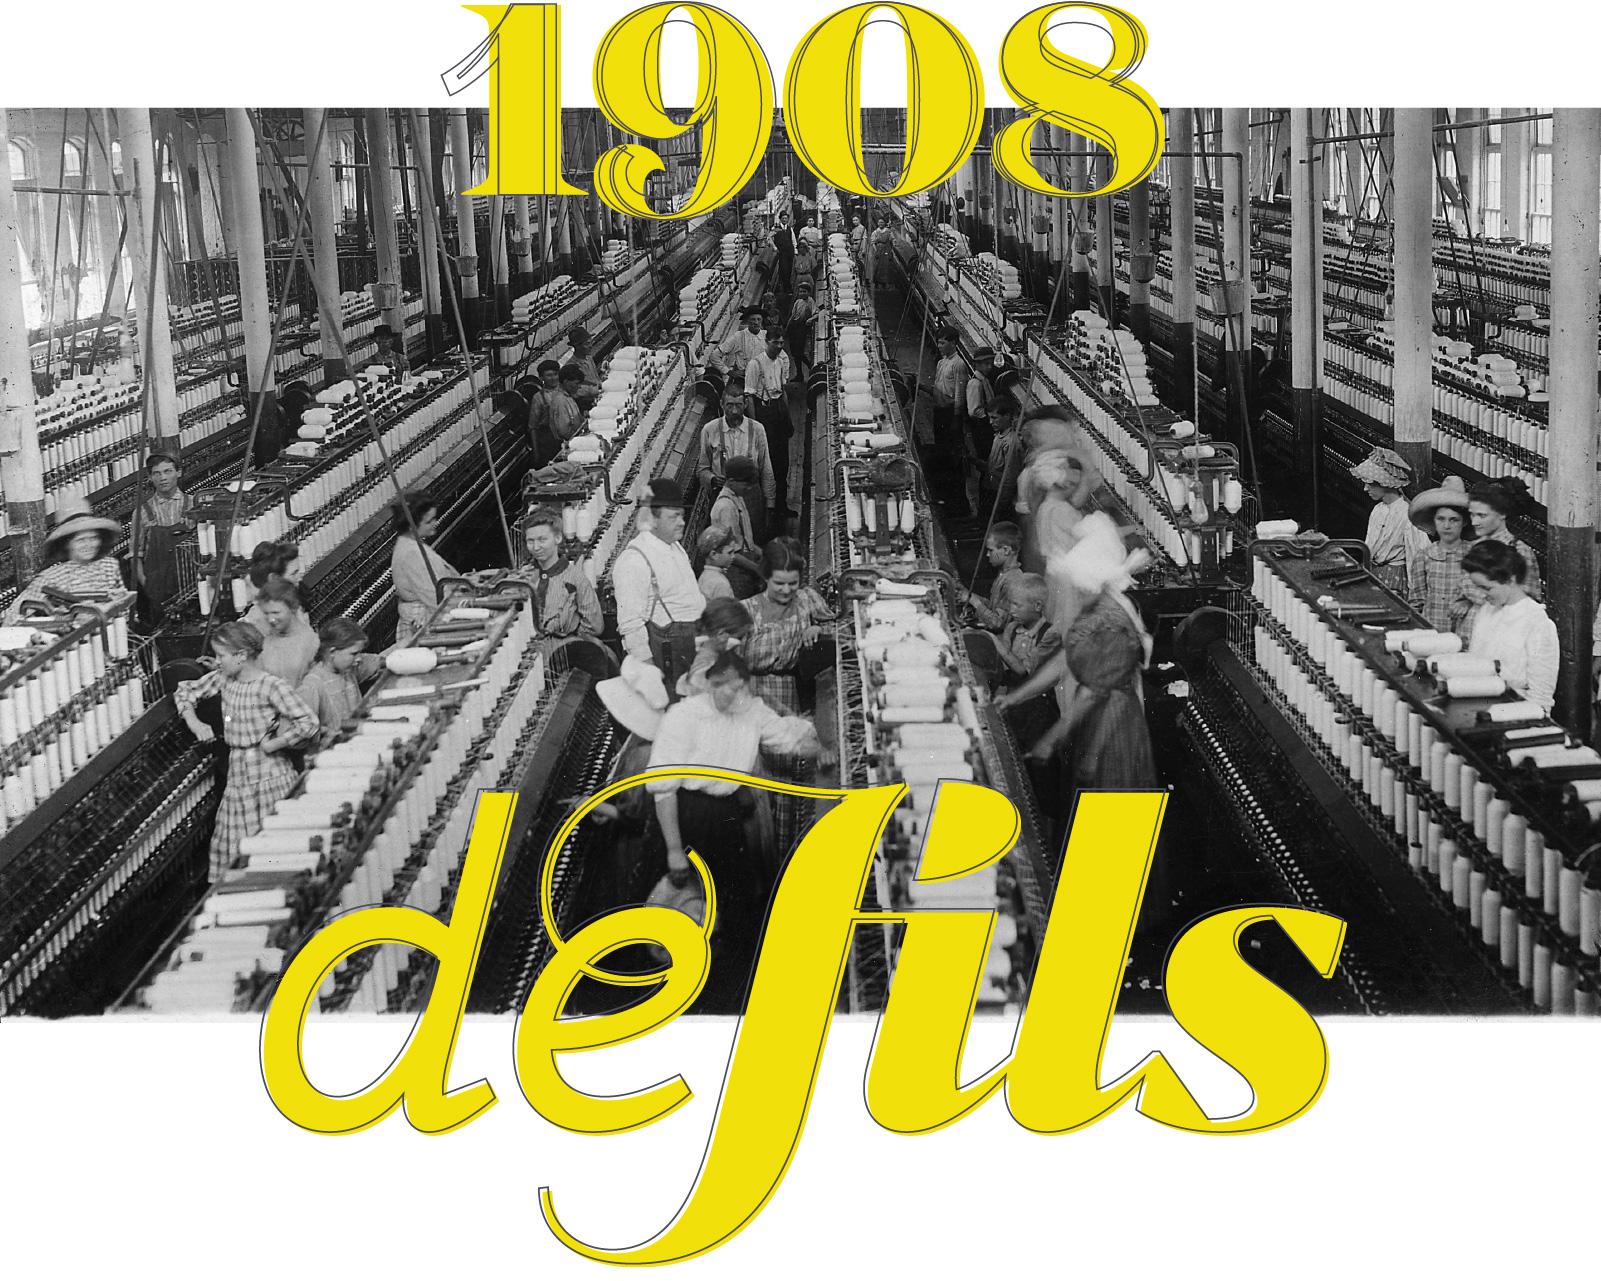 Fotografía histórica de una fábrica textil